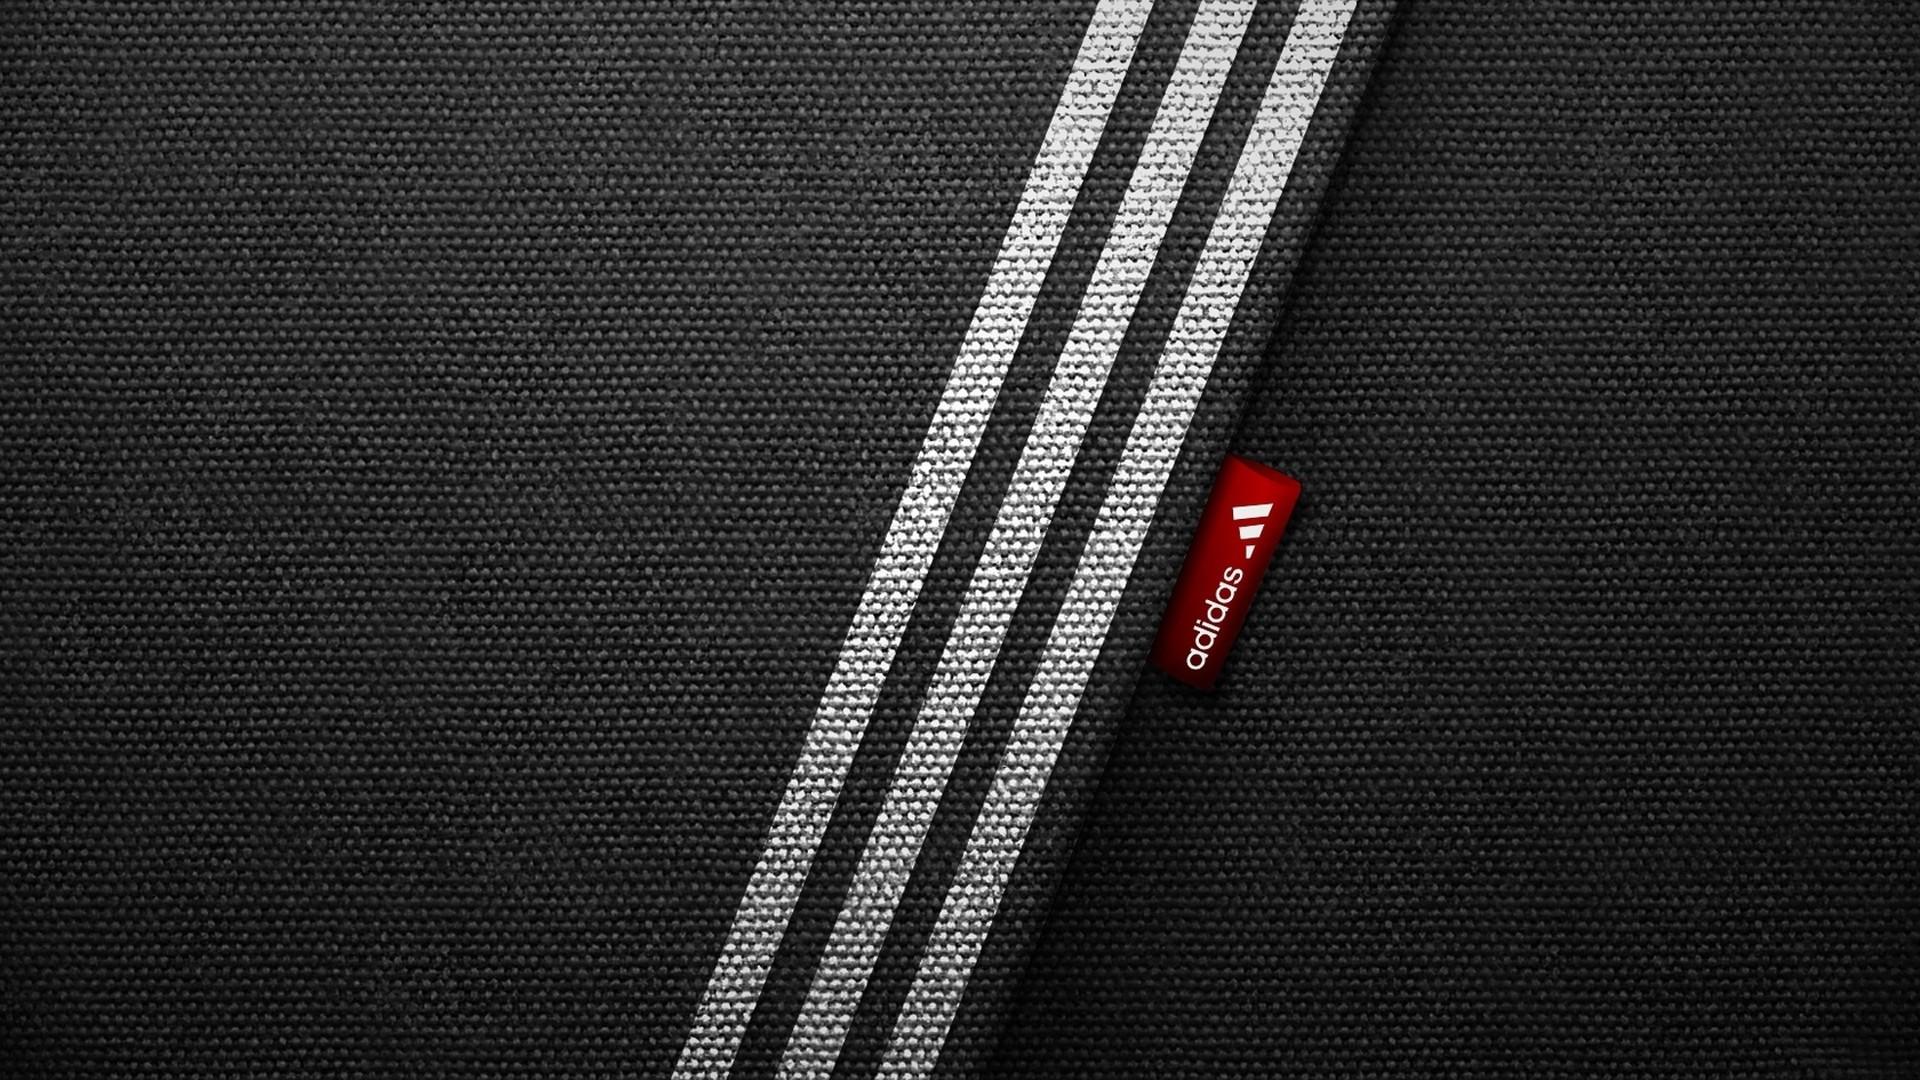 2560x1600 Wallpapers For > Adidas Originals Wallpaper Hd 1080p